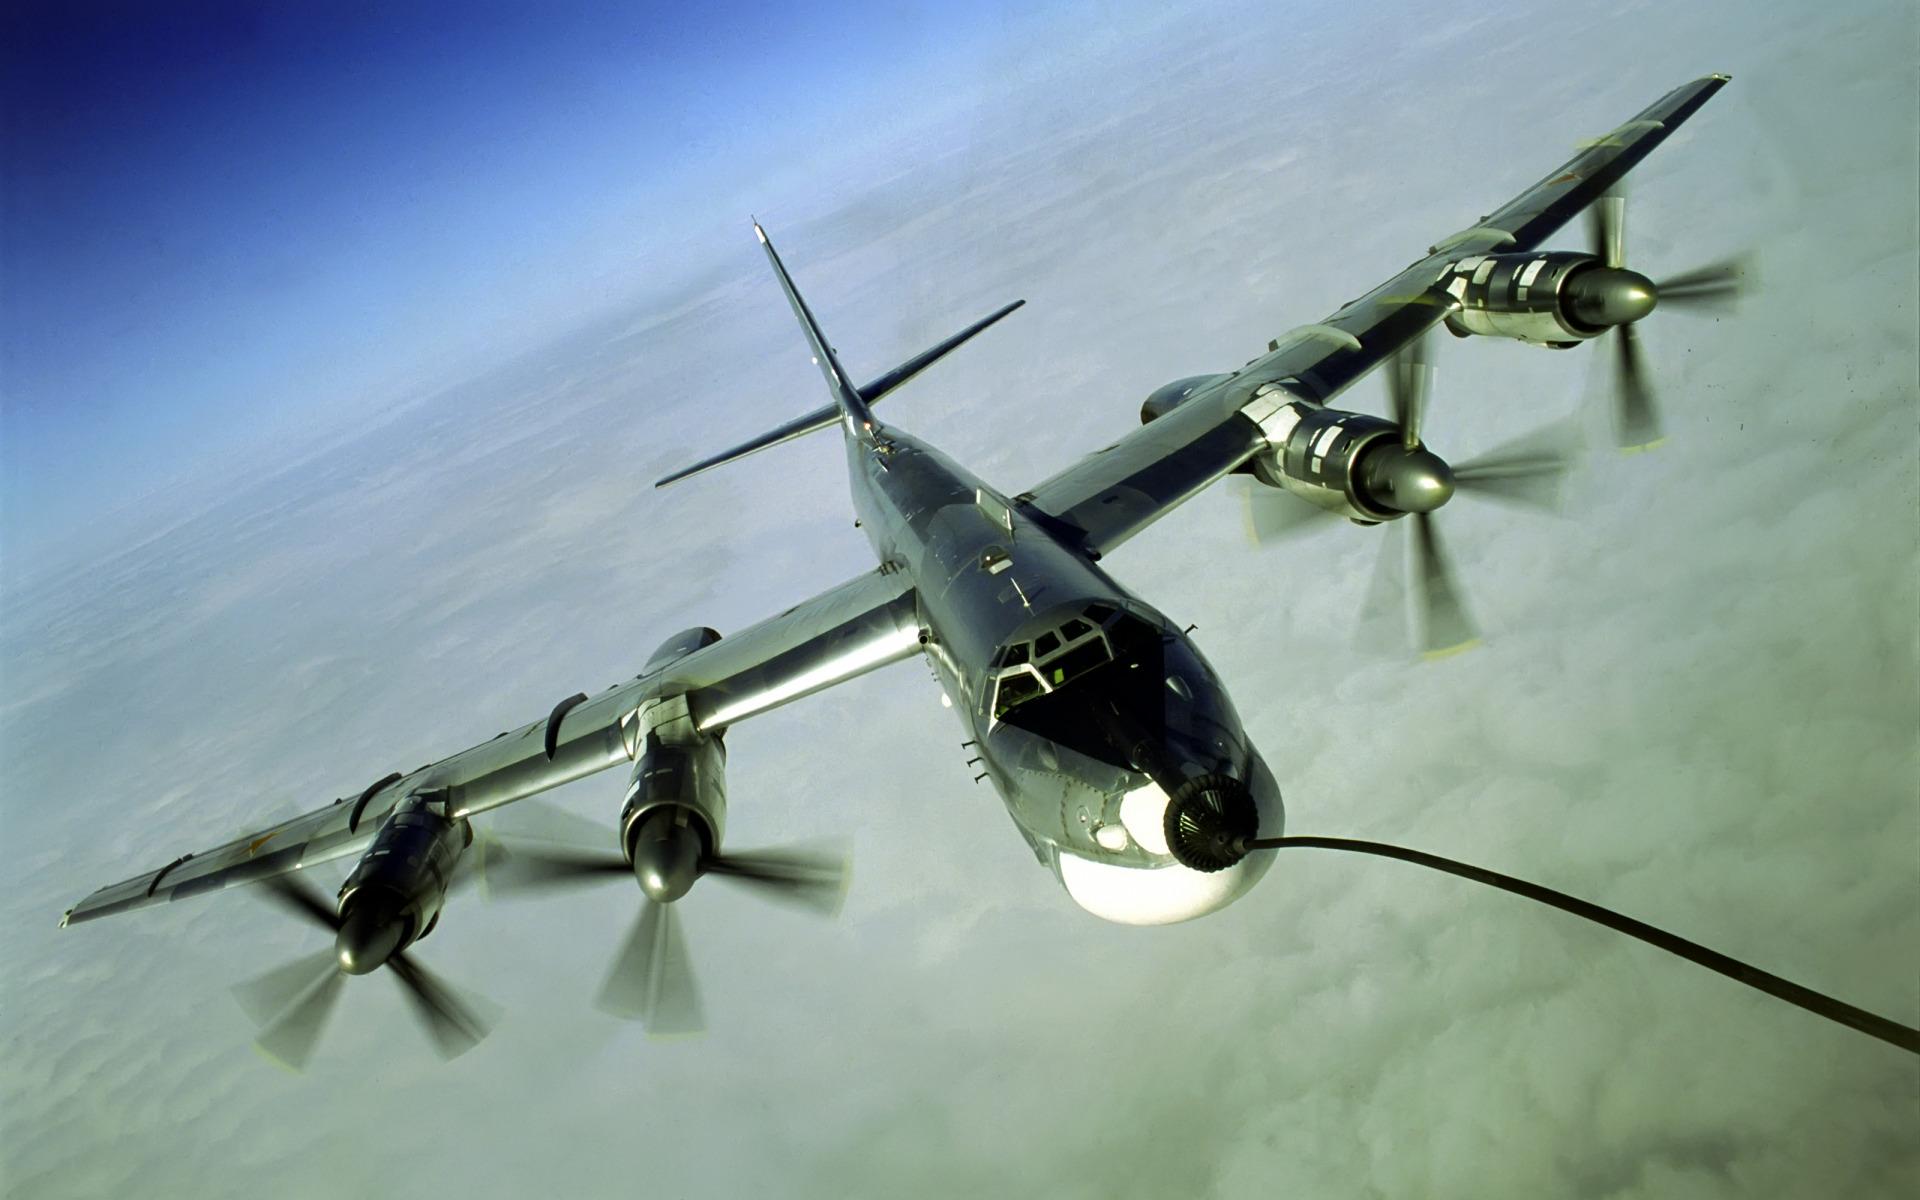 Дозаправка бомбардировщика  № 2370530  скачать